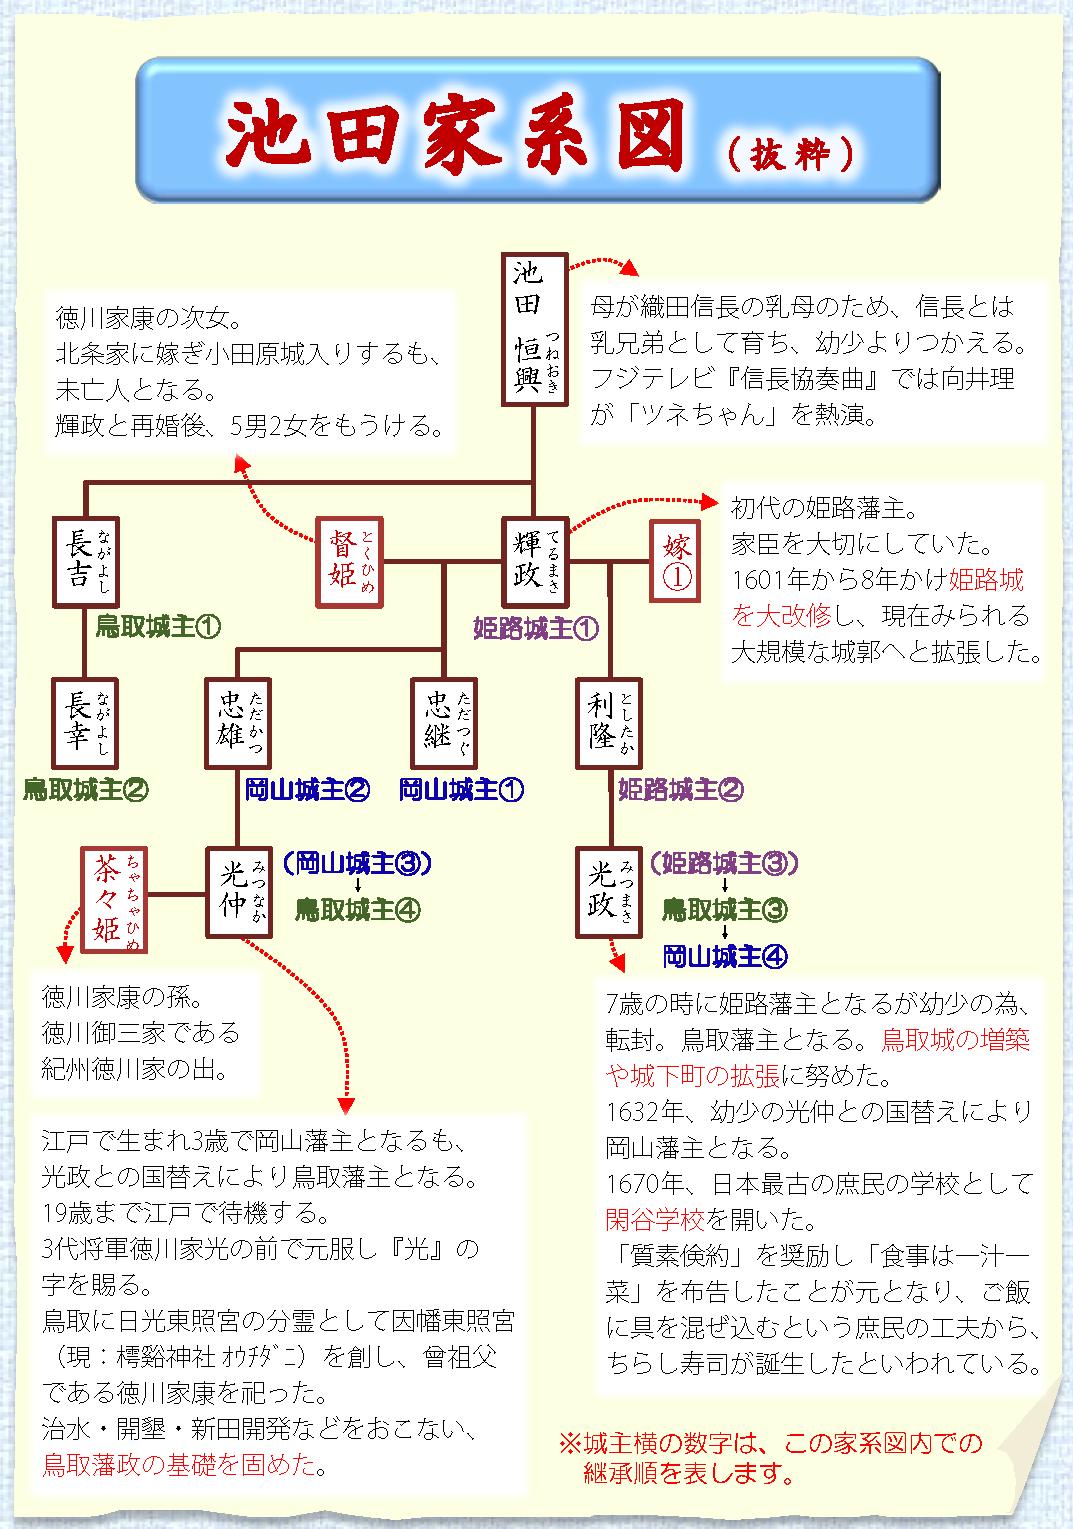 池田家系図(抜粋)